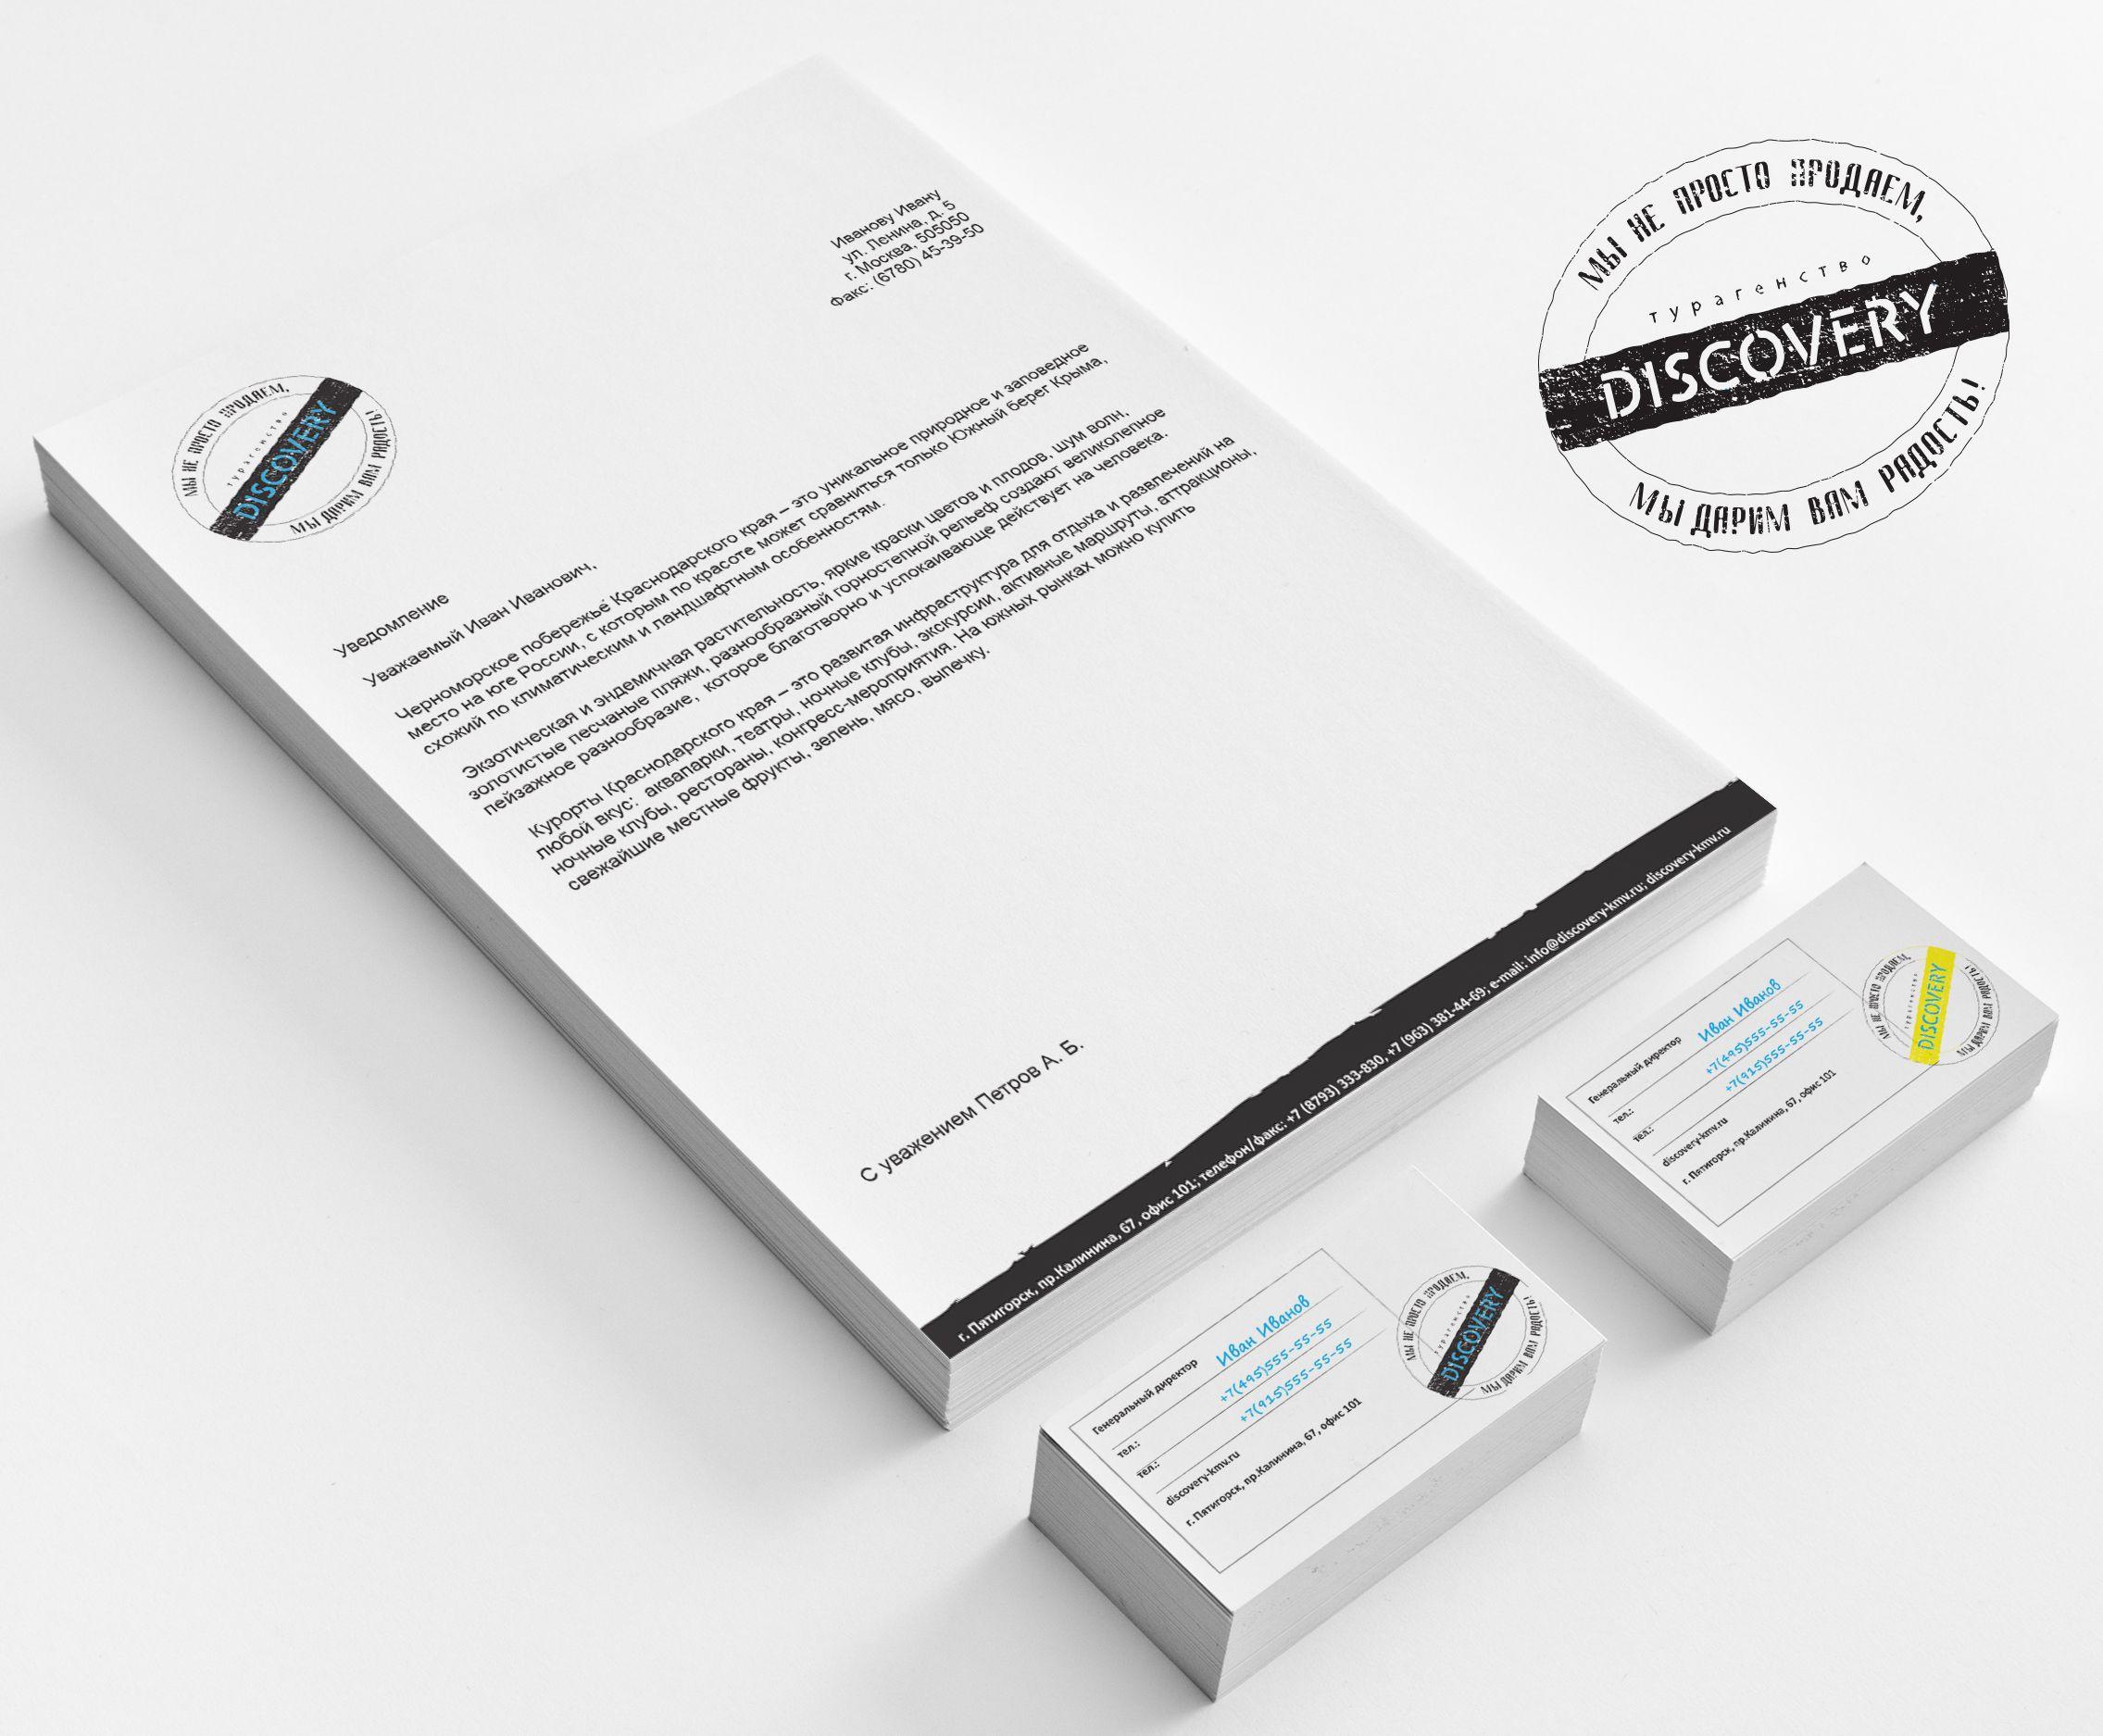 Логотип и фирм стиль для турагентства Discovery - дизайнер cookiemonster69